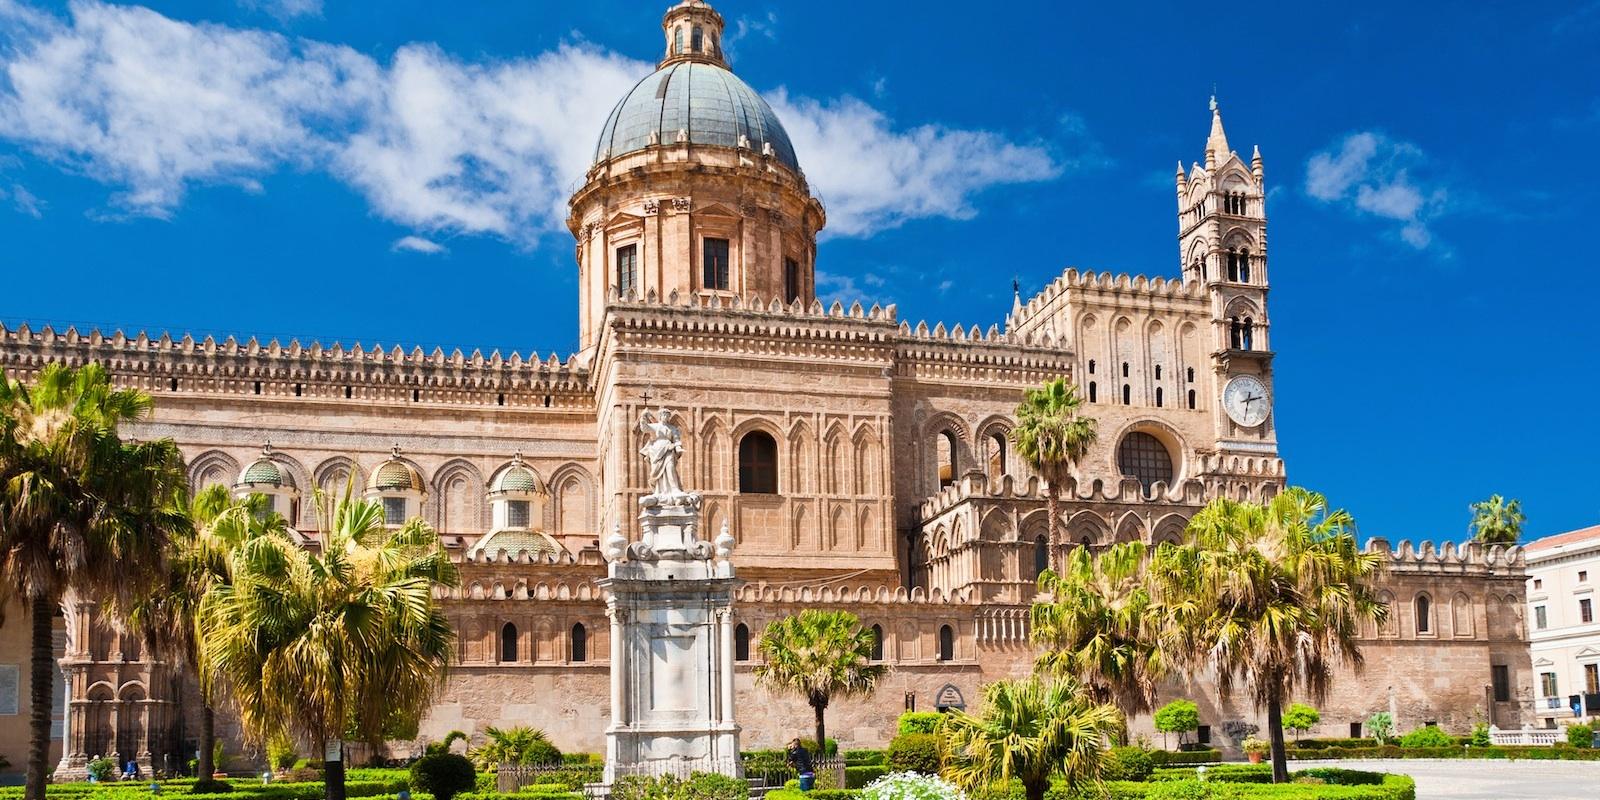 Palermo's guide